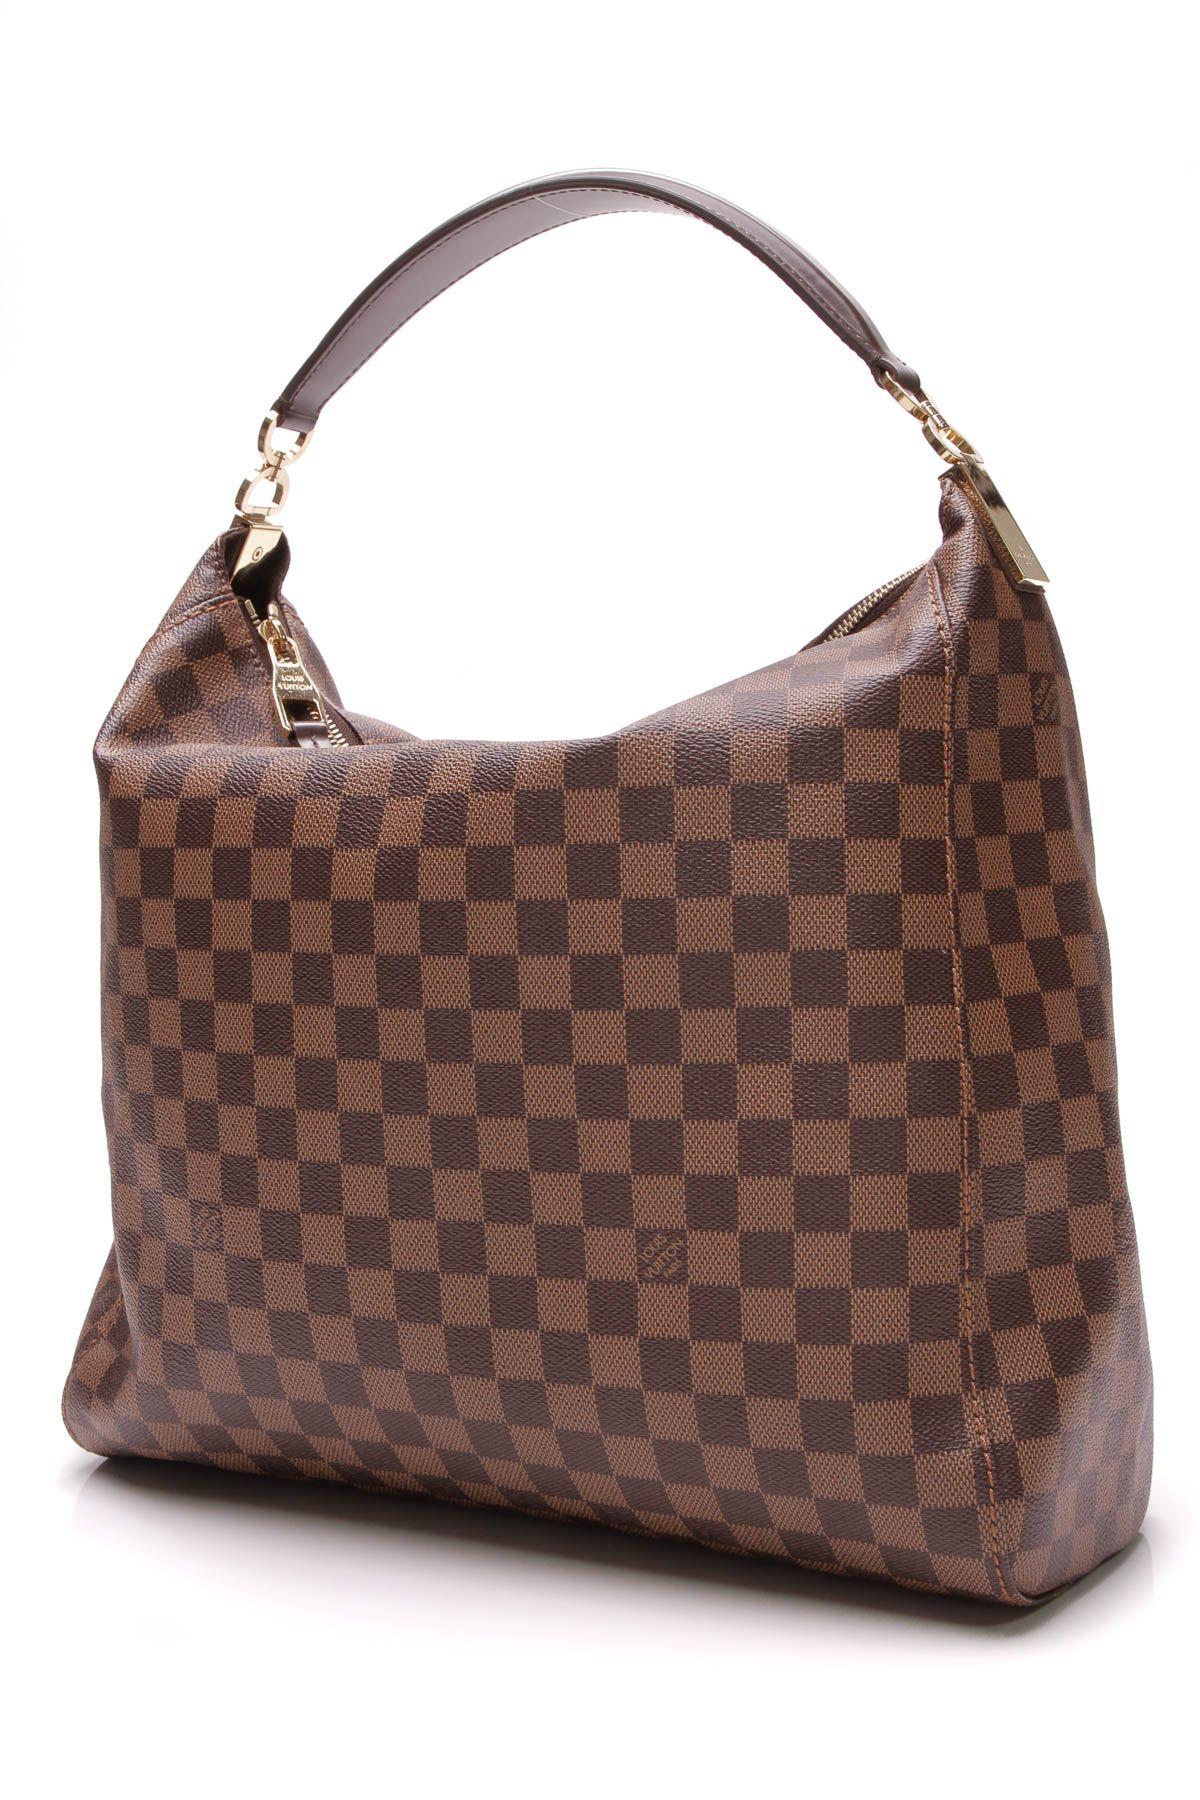 1670d84096bb Louis Vuitton Portobello GM Bag - Damier Ebene